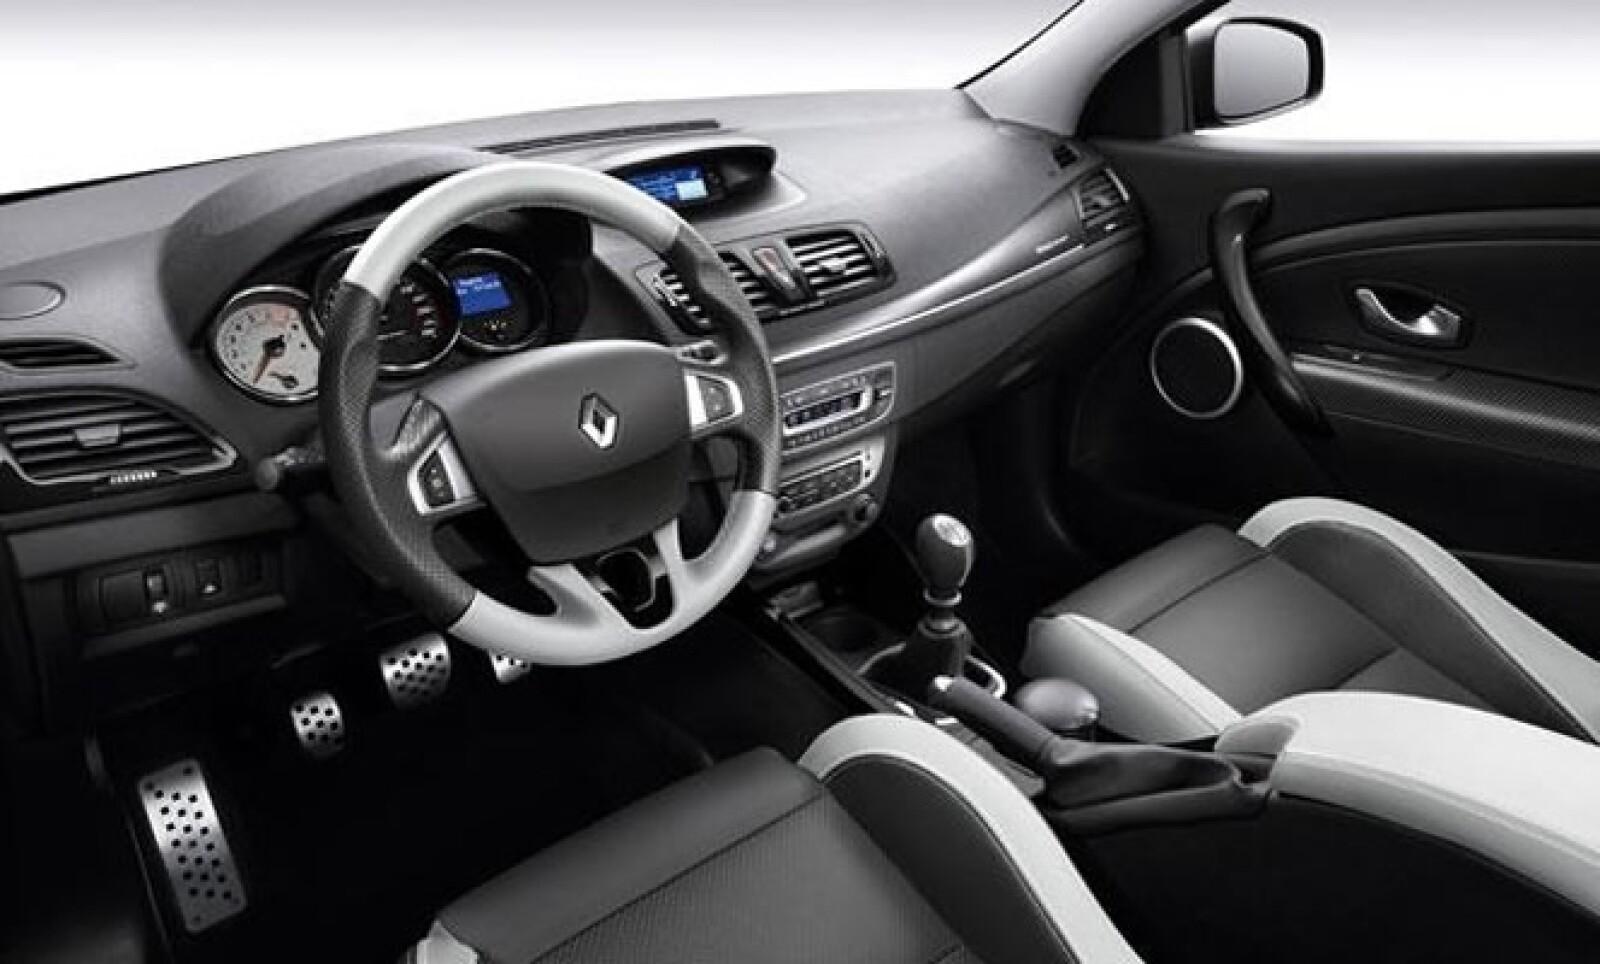 Tiene un sistema de sonido Bose R-Plug&Radio con bluetooth, manos libres y reproducción de Audio-Streaming, USB, mandos en el volante, y el nuevo GPS Tom Tom.